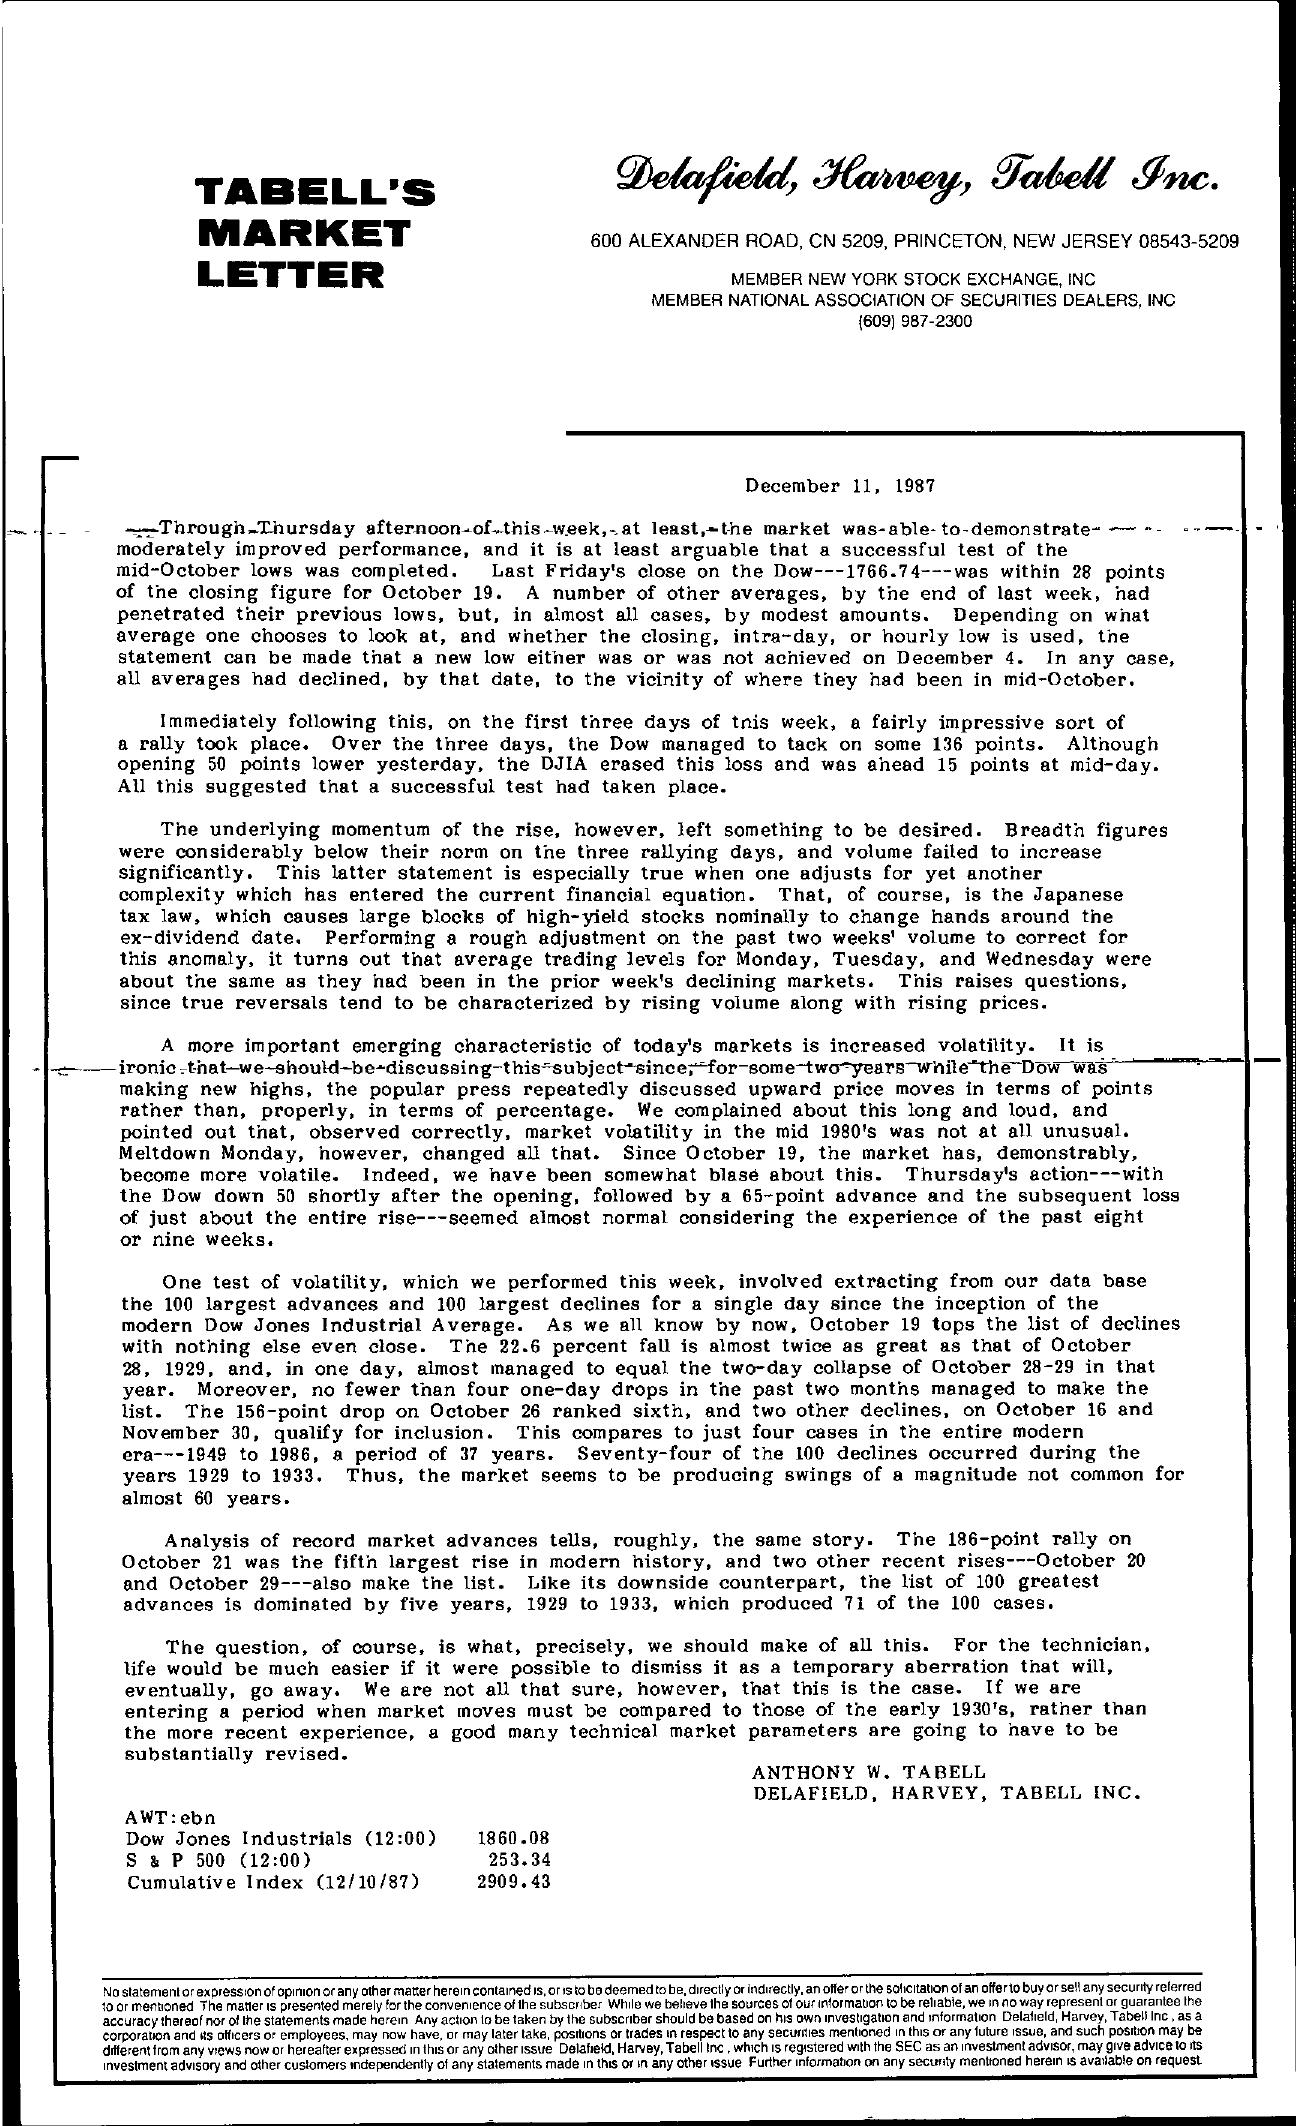 Tabell's Market Letter - December 11, 1987